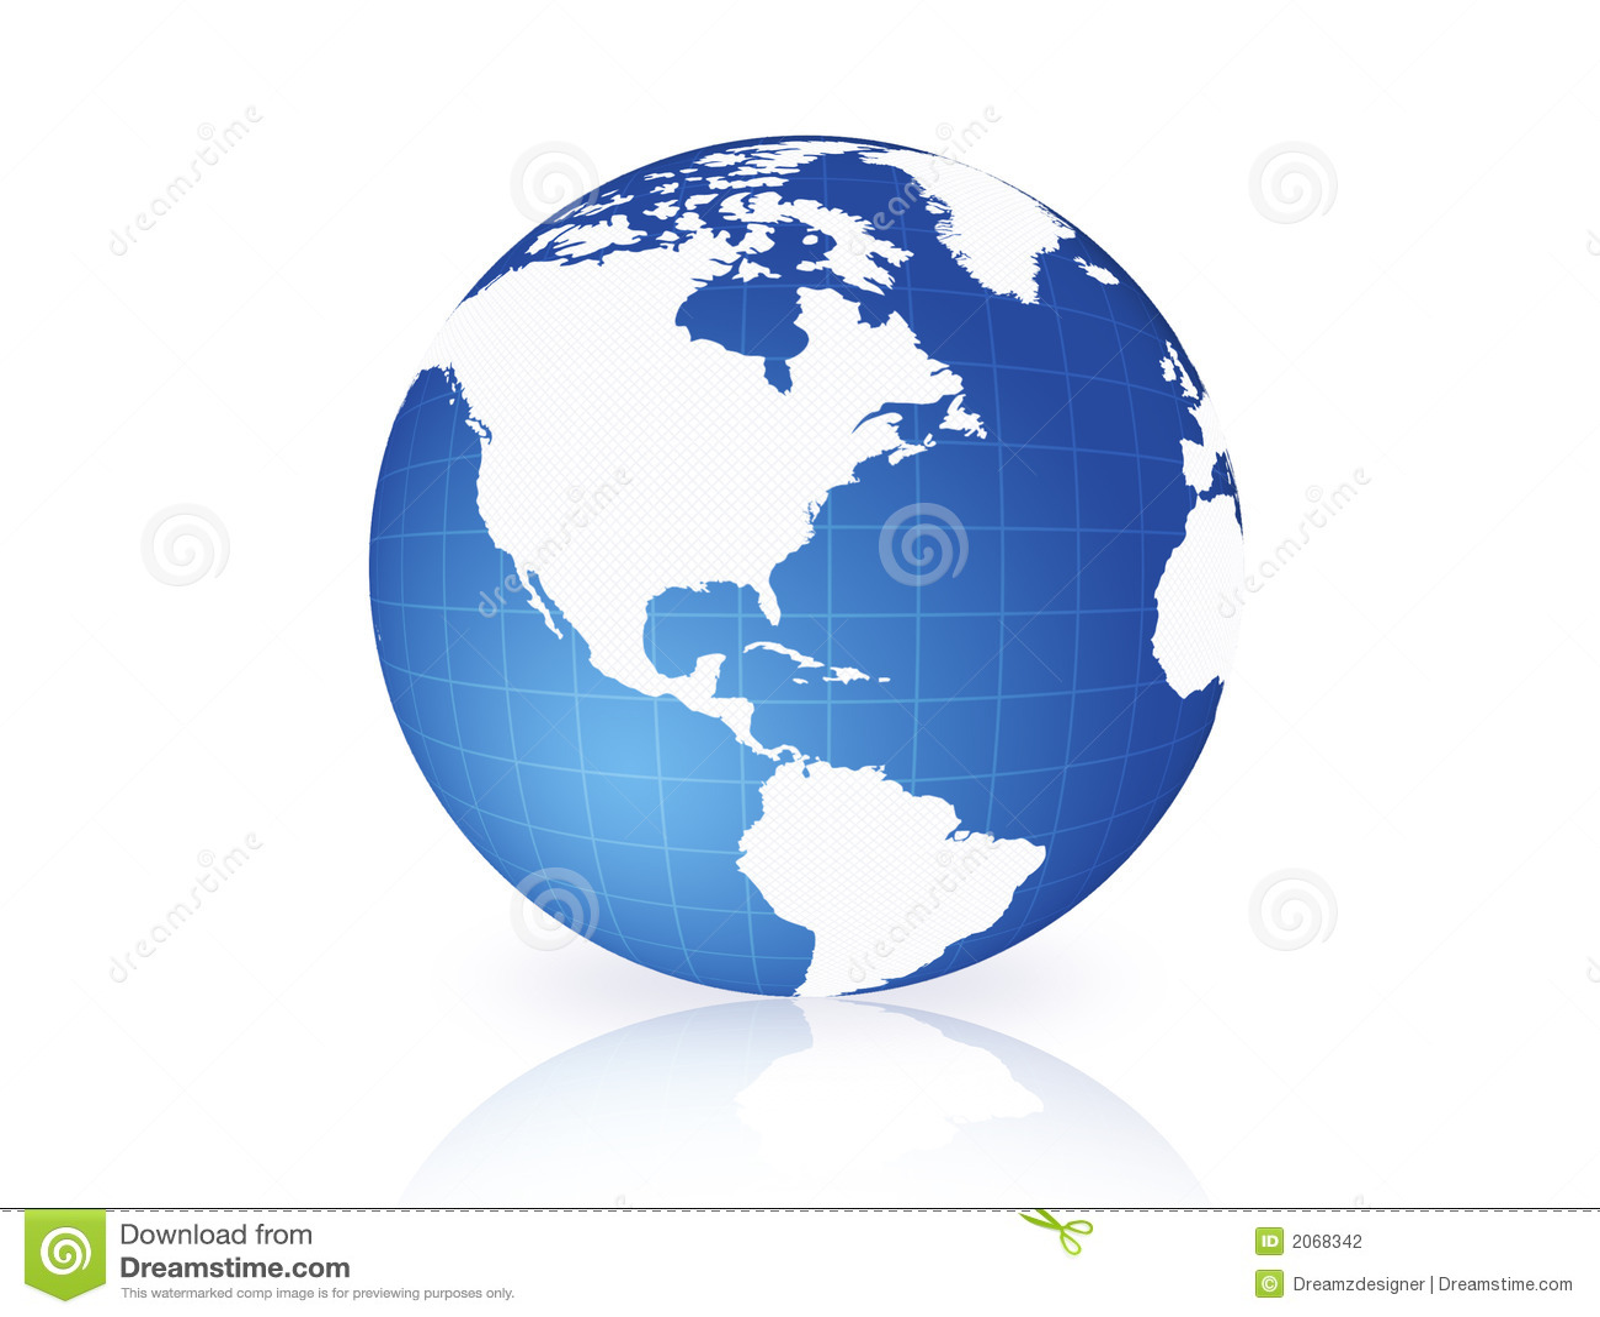 Globo azul del mundo aislado en el norte blanco y Suramérica de ...